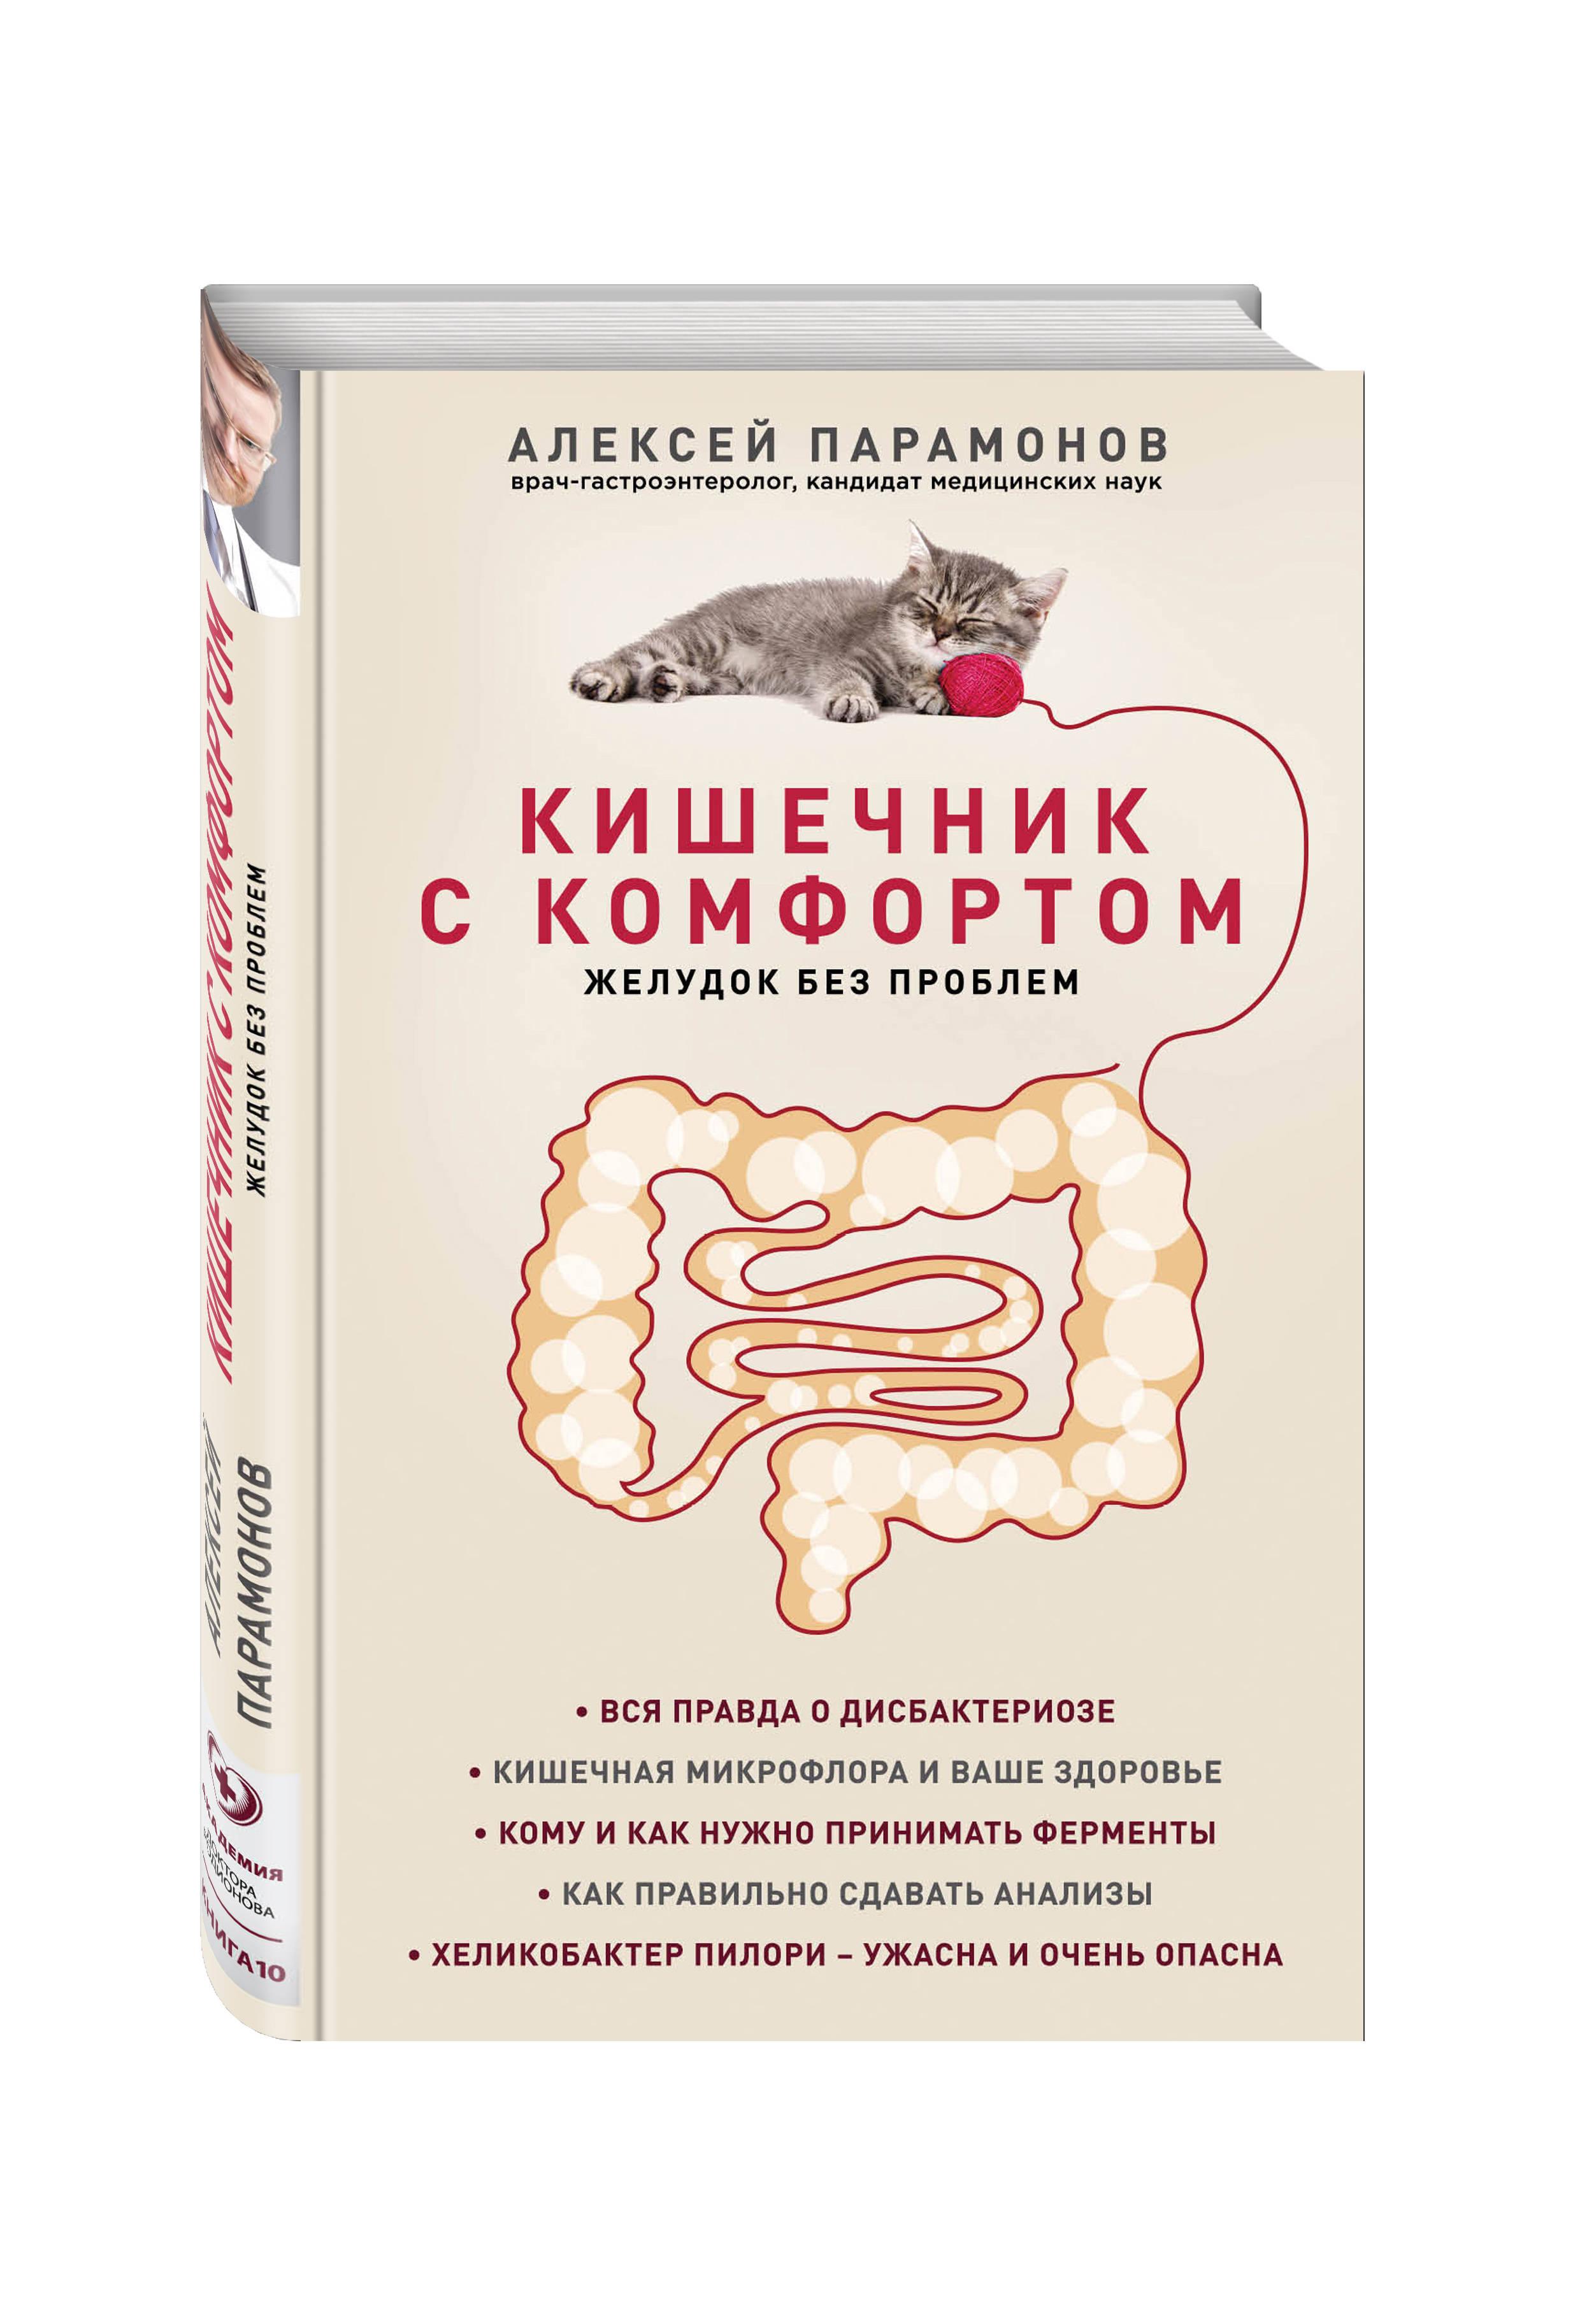 Парамонов А.Д. Кишечник с комфортом, желудок без проблем (новое. оформ.)